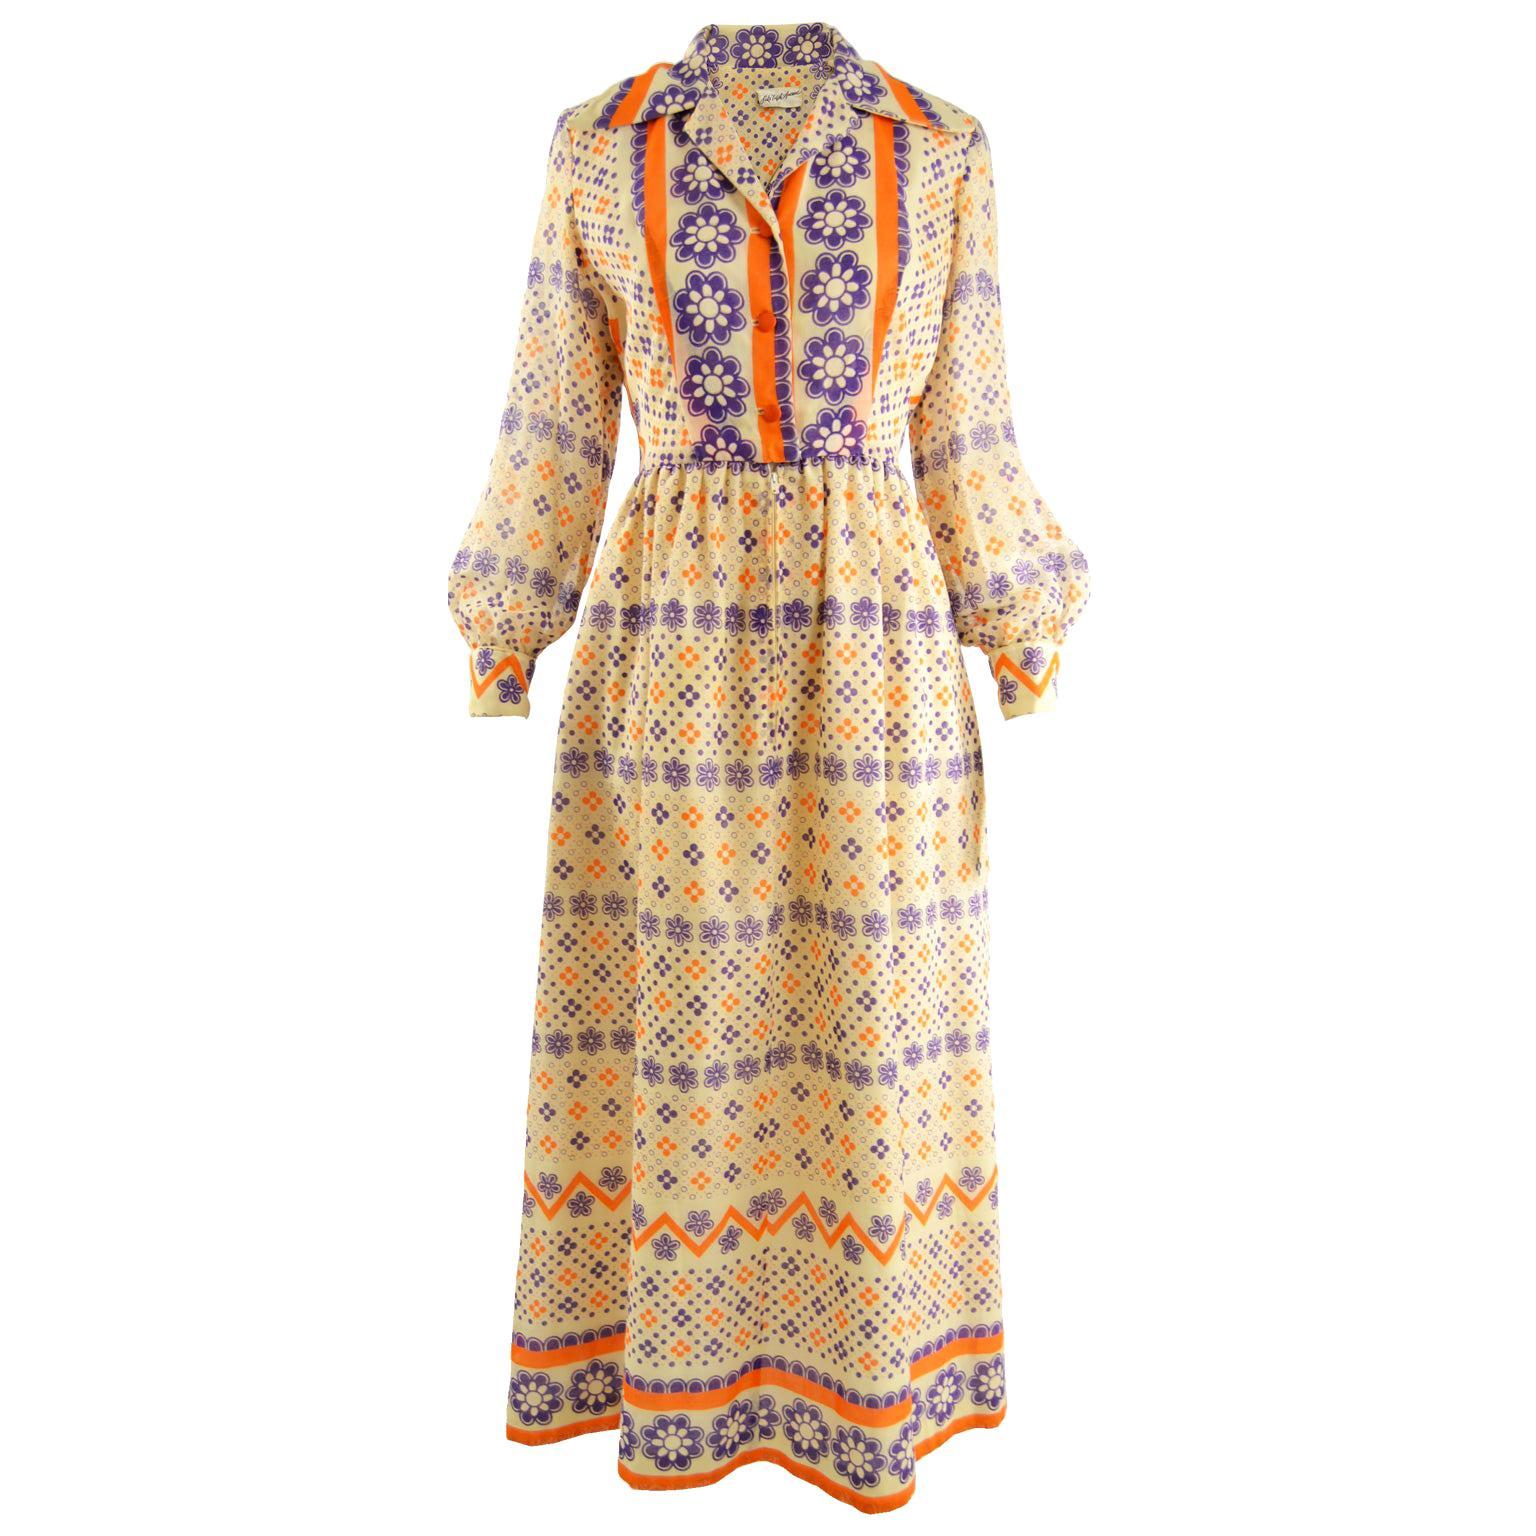 Saks Fifth Avenue Vintage Bold Floral Print Cotton Voile Maxi Dress, 1970s